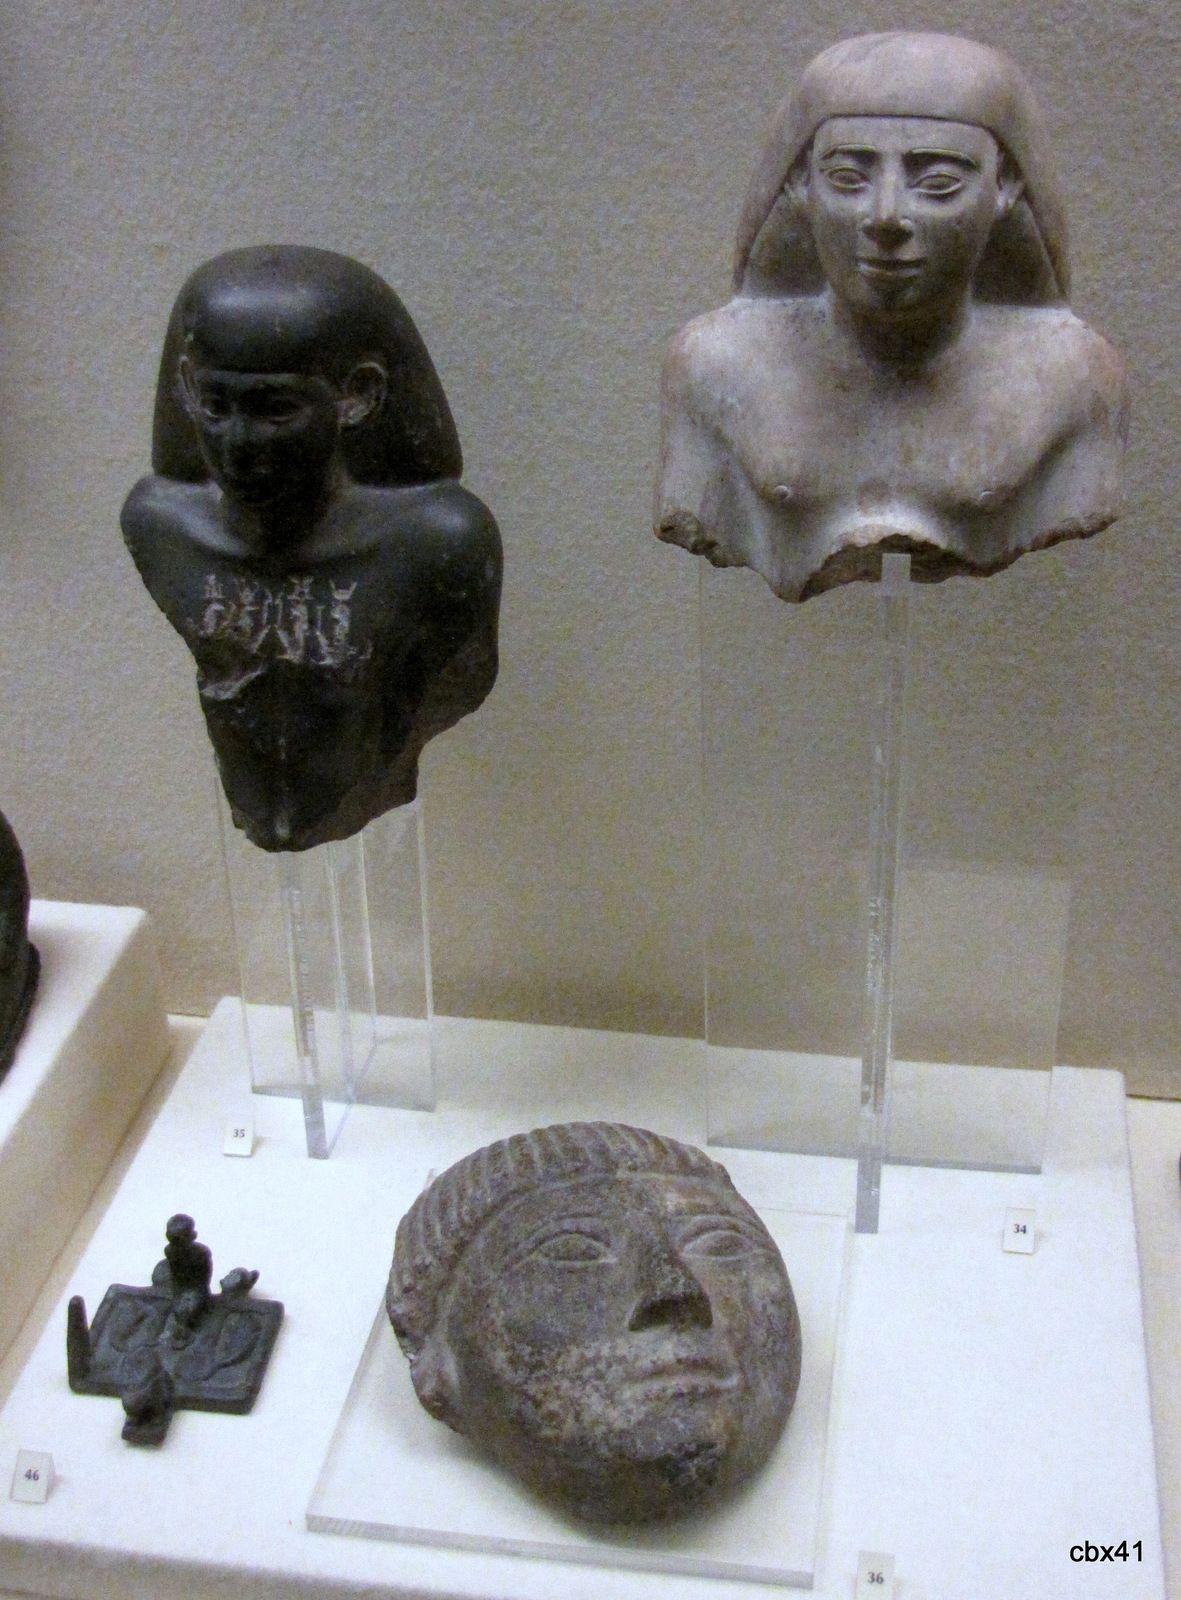 Bustes d'Hereferneith et d'Hor(em)Akhbit, musée de Picardie